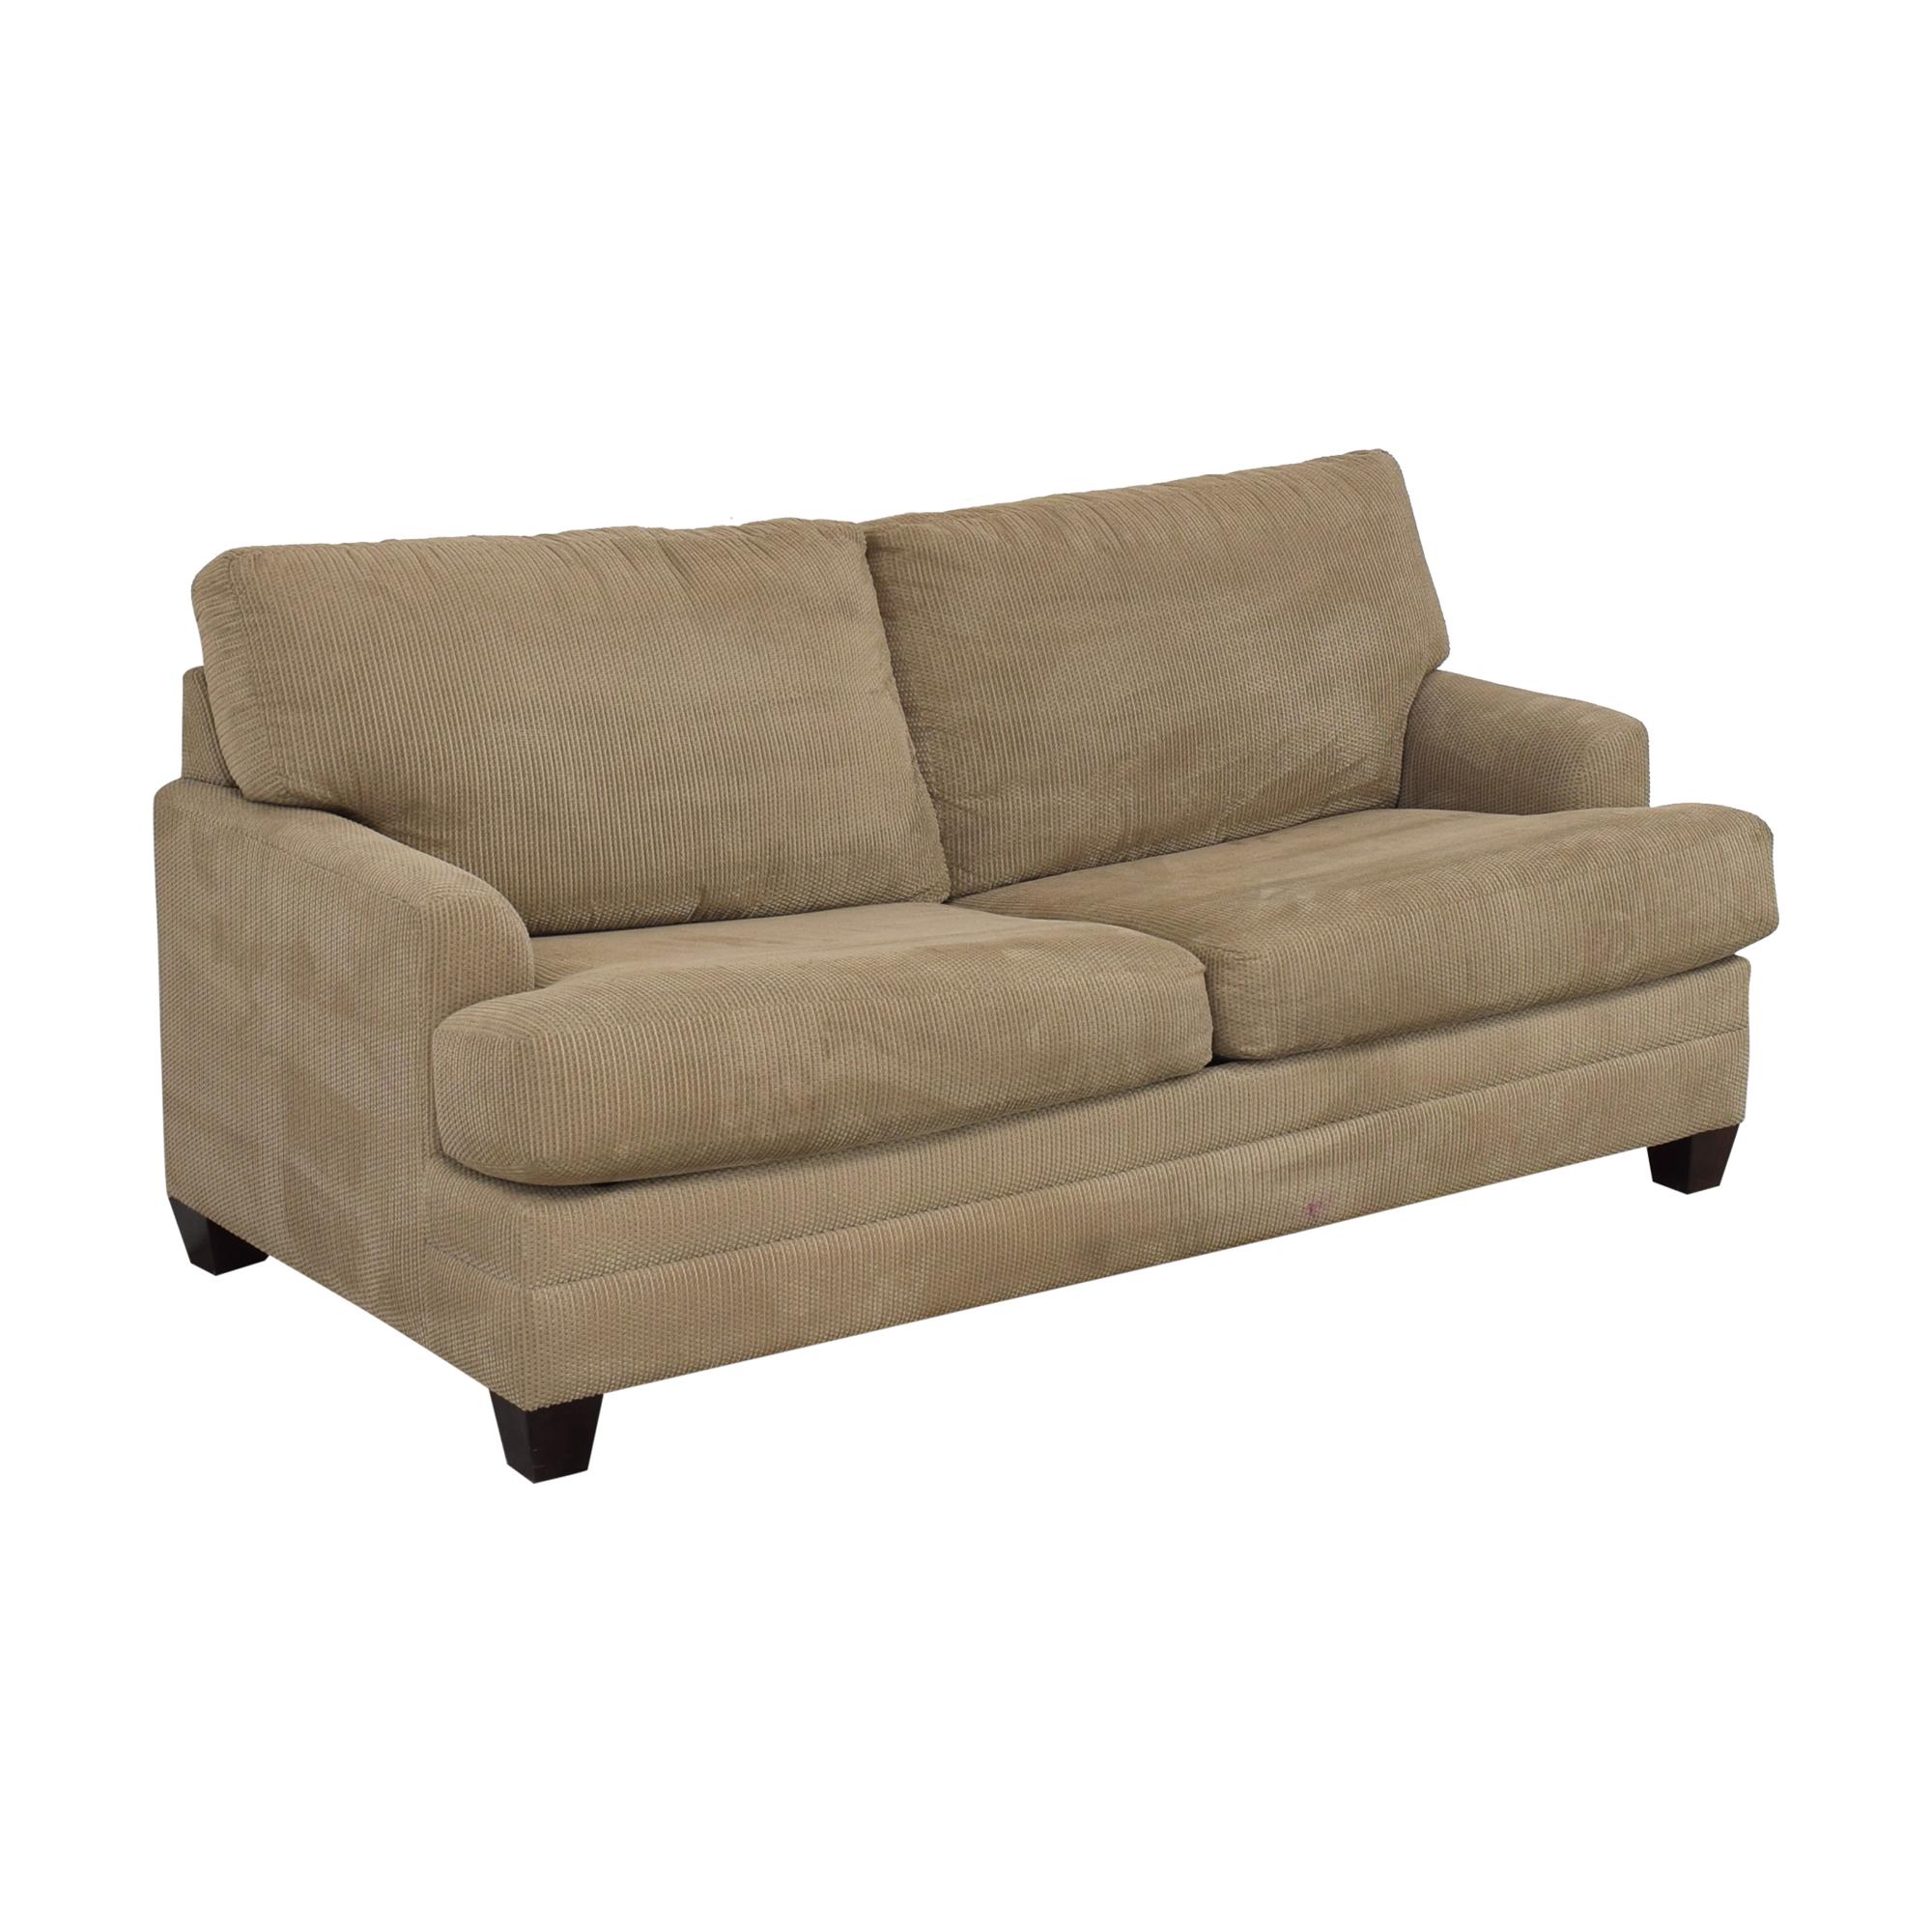 buy Bassett CU.2 Full Sleeper Sofa Bassett Furniture